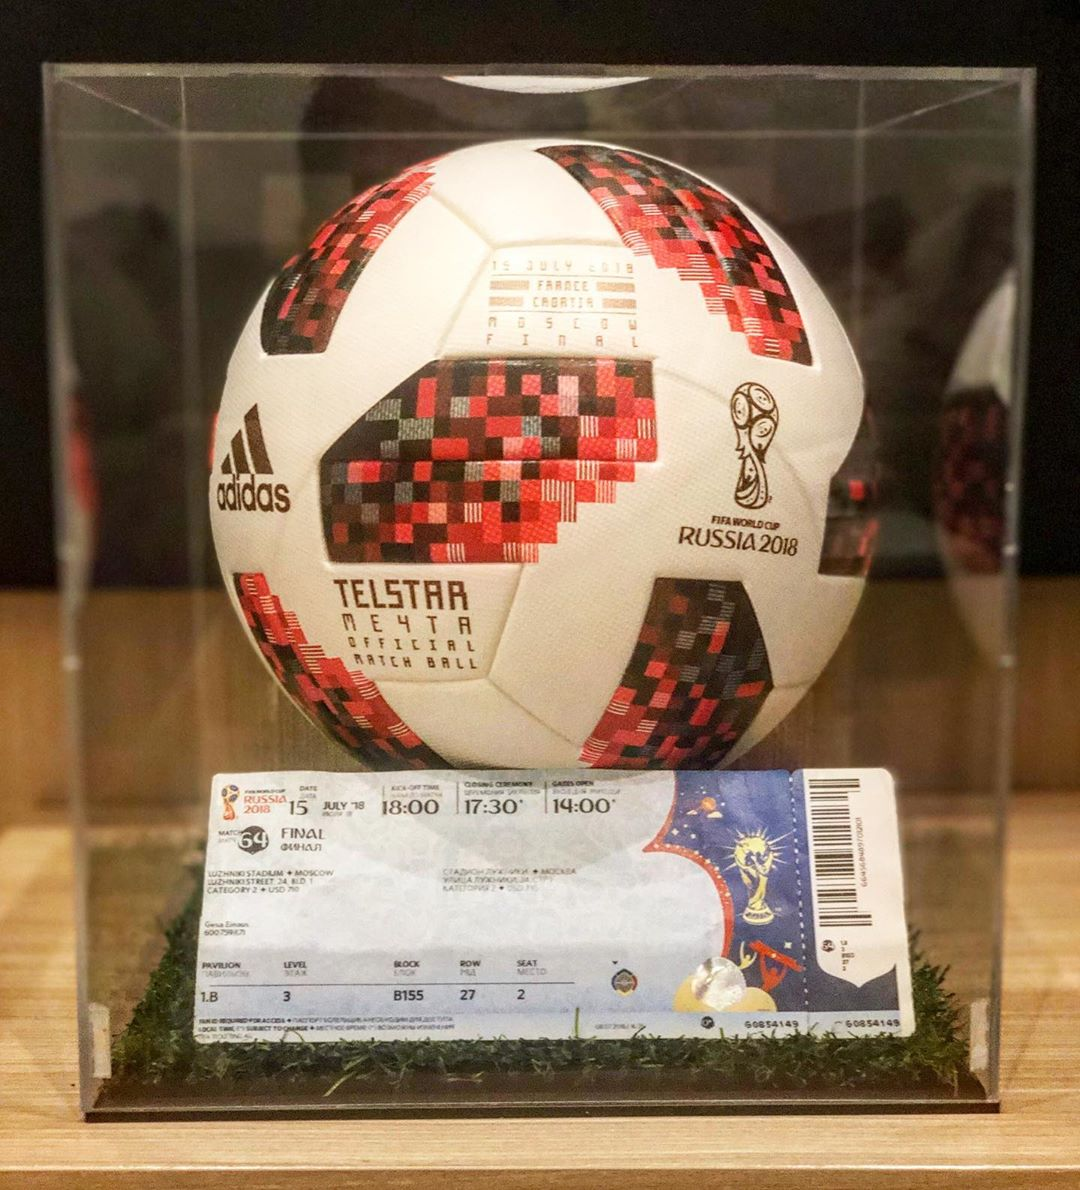 Telstar 18 Meyta – ฝรั่งเศส vs โครเอเชียรอบชิงชนะเลิศ World Cup 2018 # telstar18 #adidasOMB # …